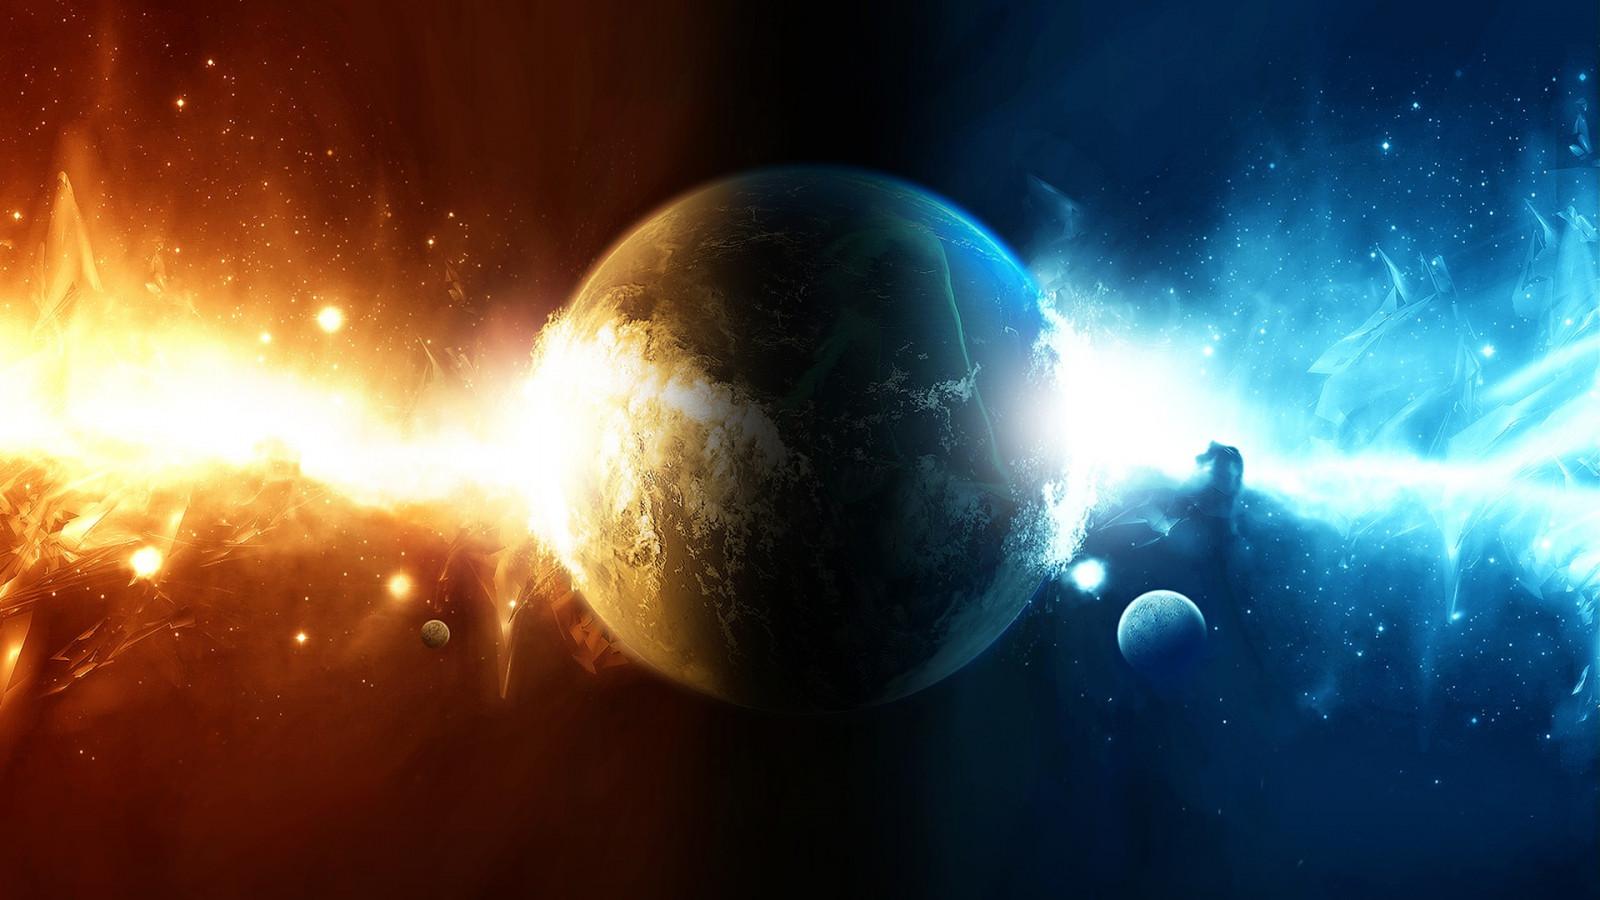 wallpaper : sunlight, digital art, planet, space art, ice, fire